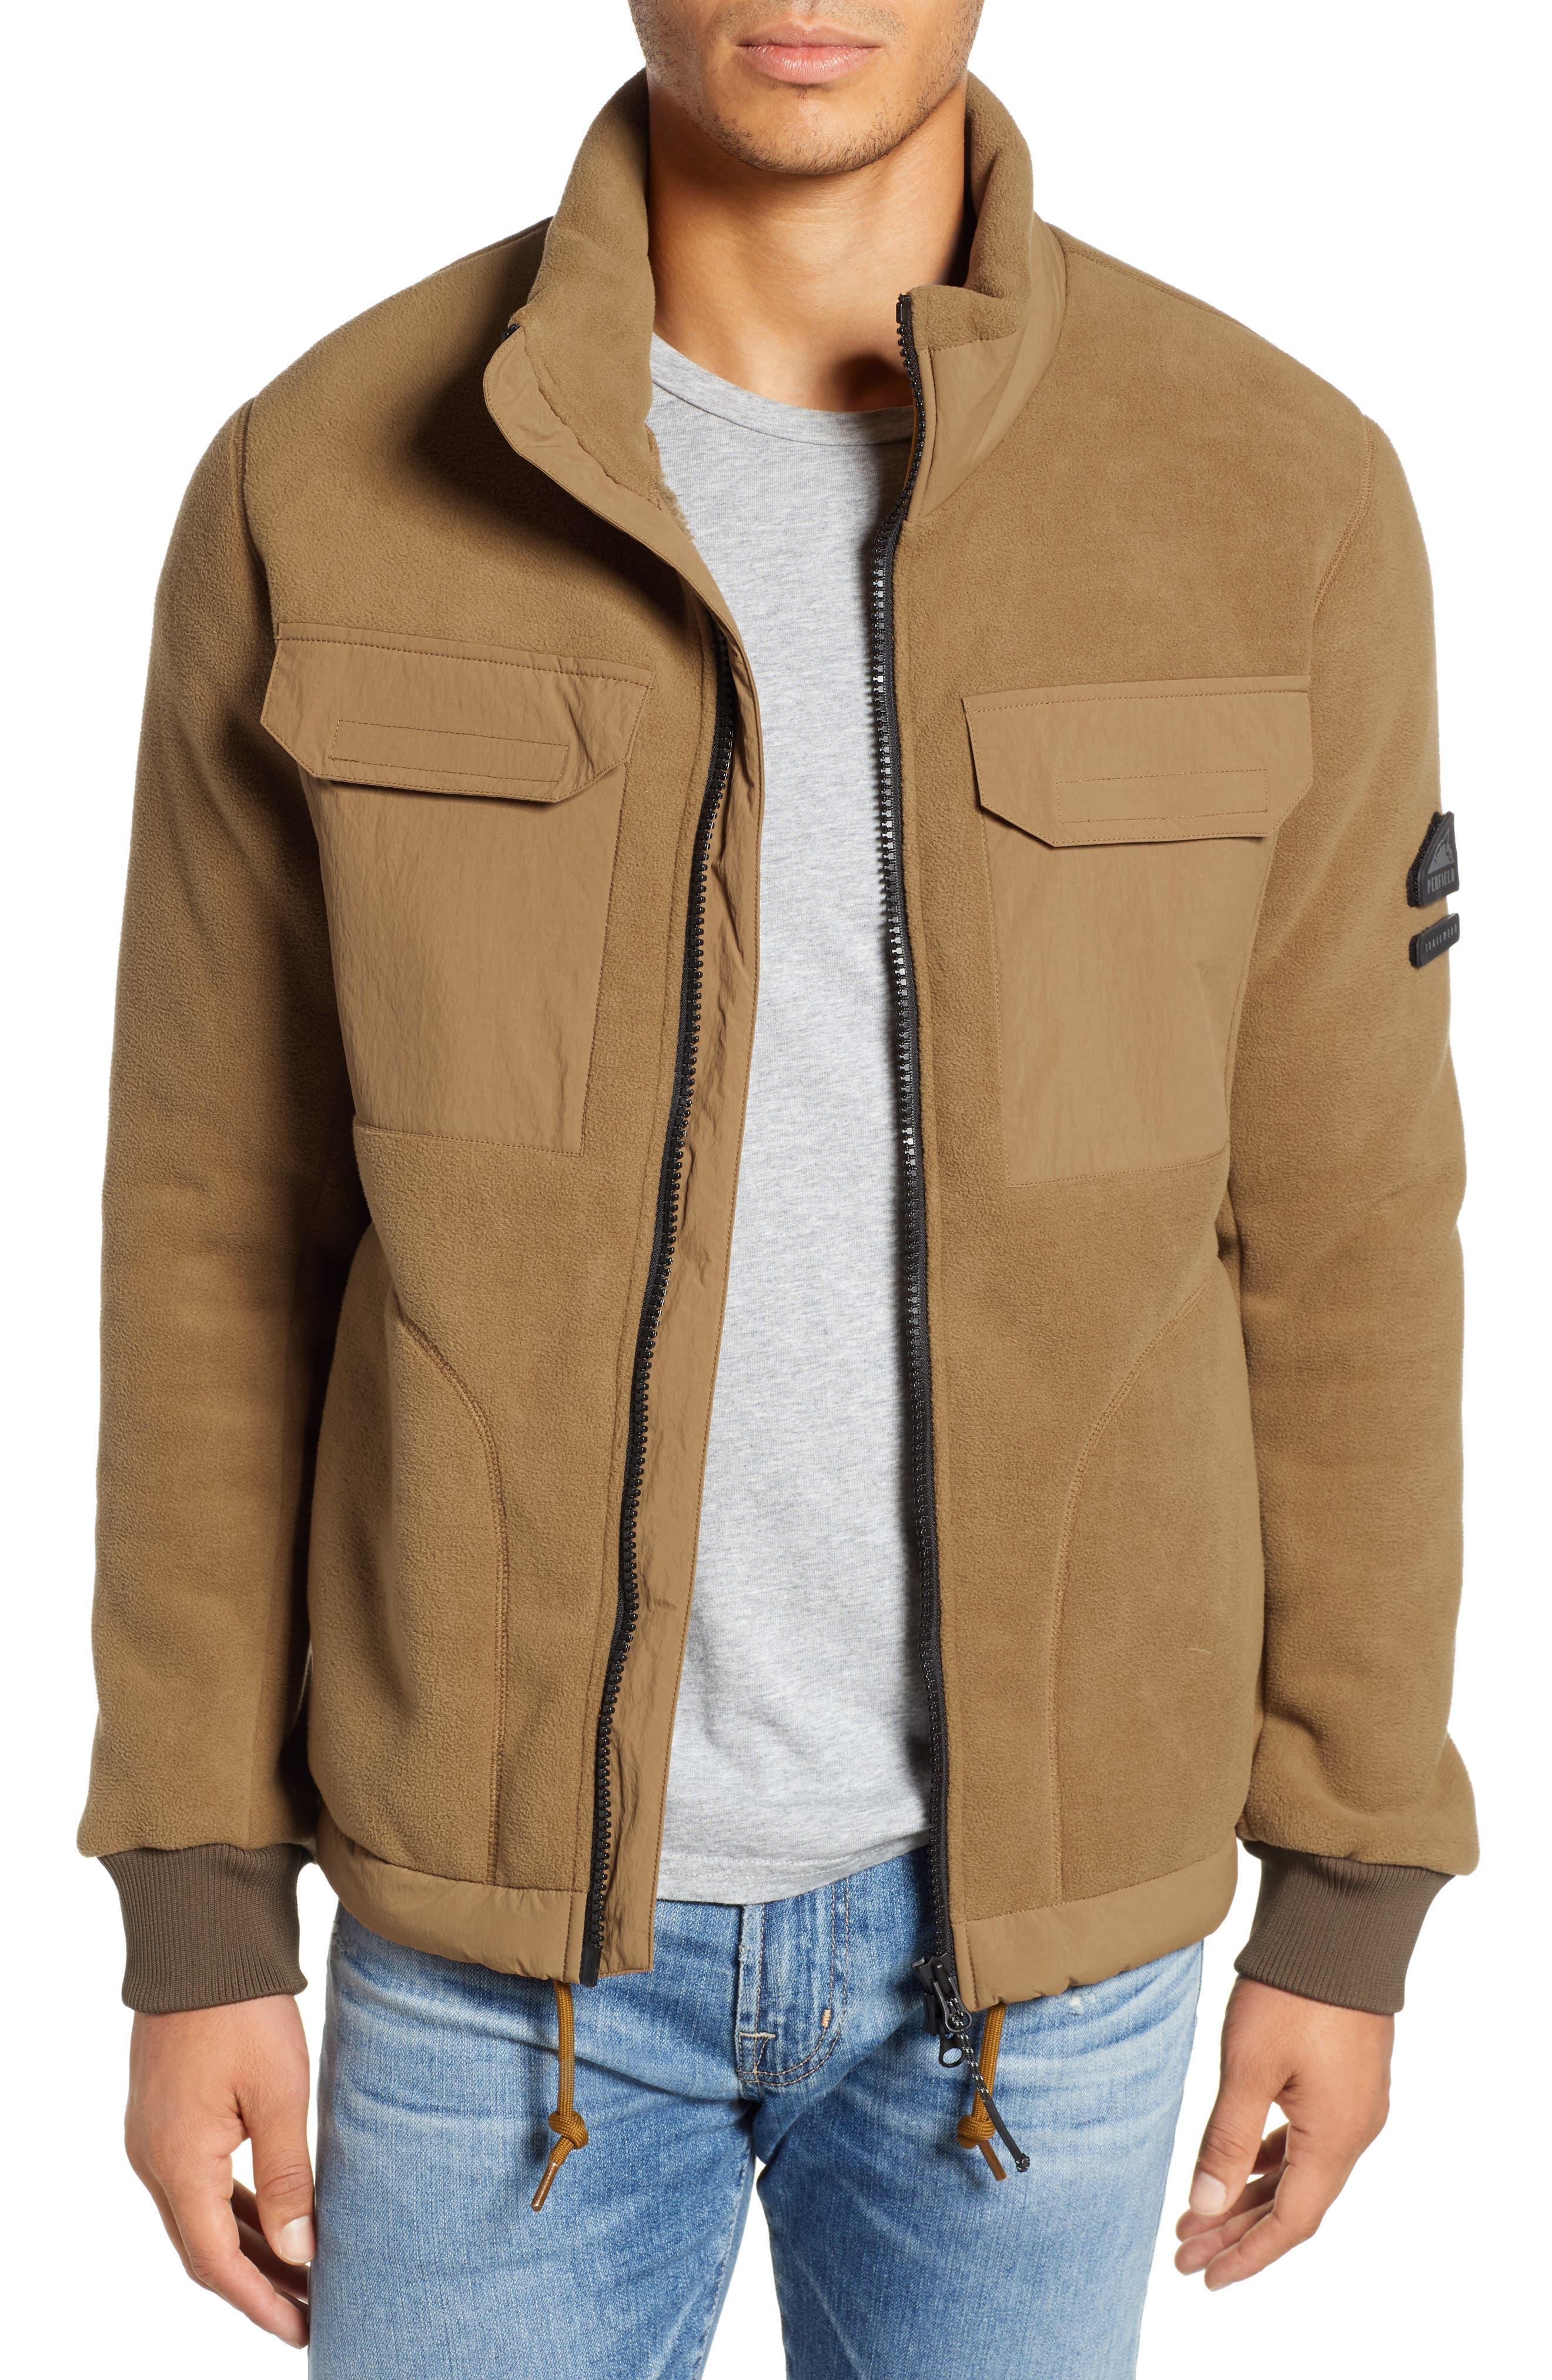 PENFIELD Schoening Zip Fleece Jacket in Breen